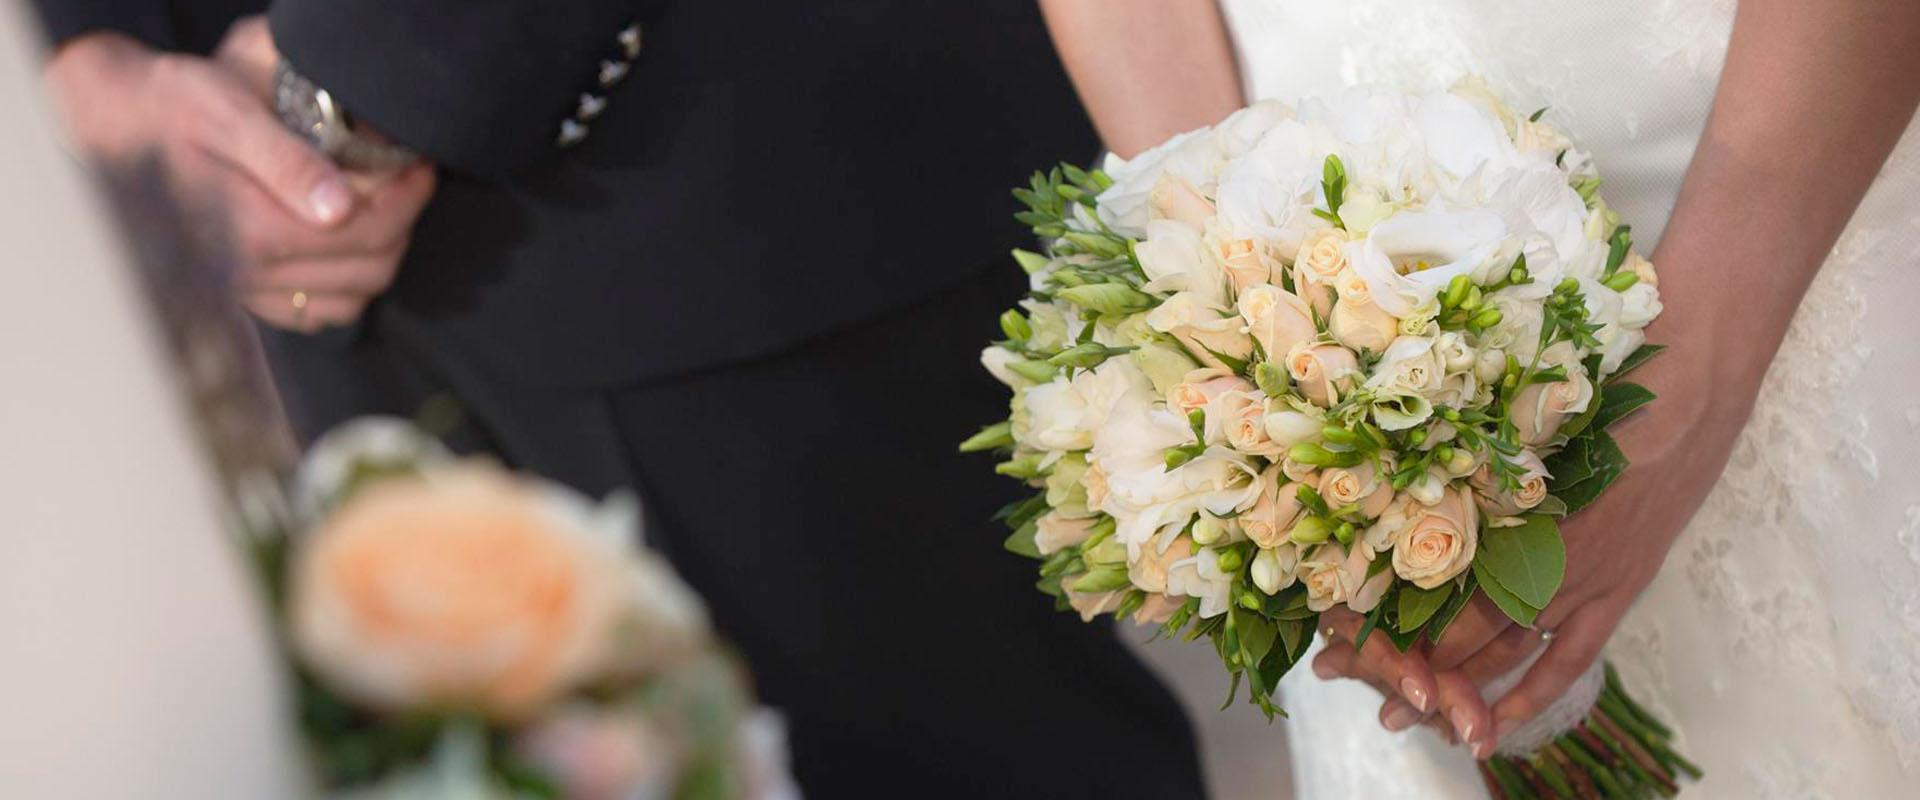 Διοργάνωση εκδηλώσεων, Γάμος, Βάπτιση | Broderie Anglaise